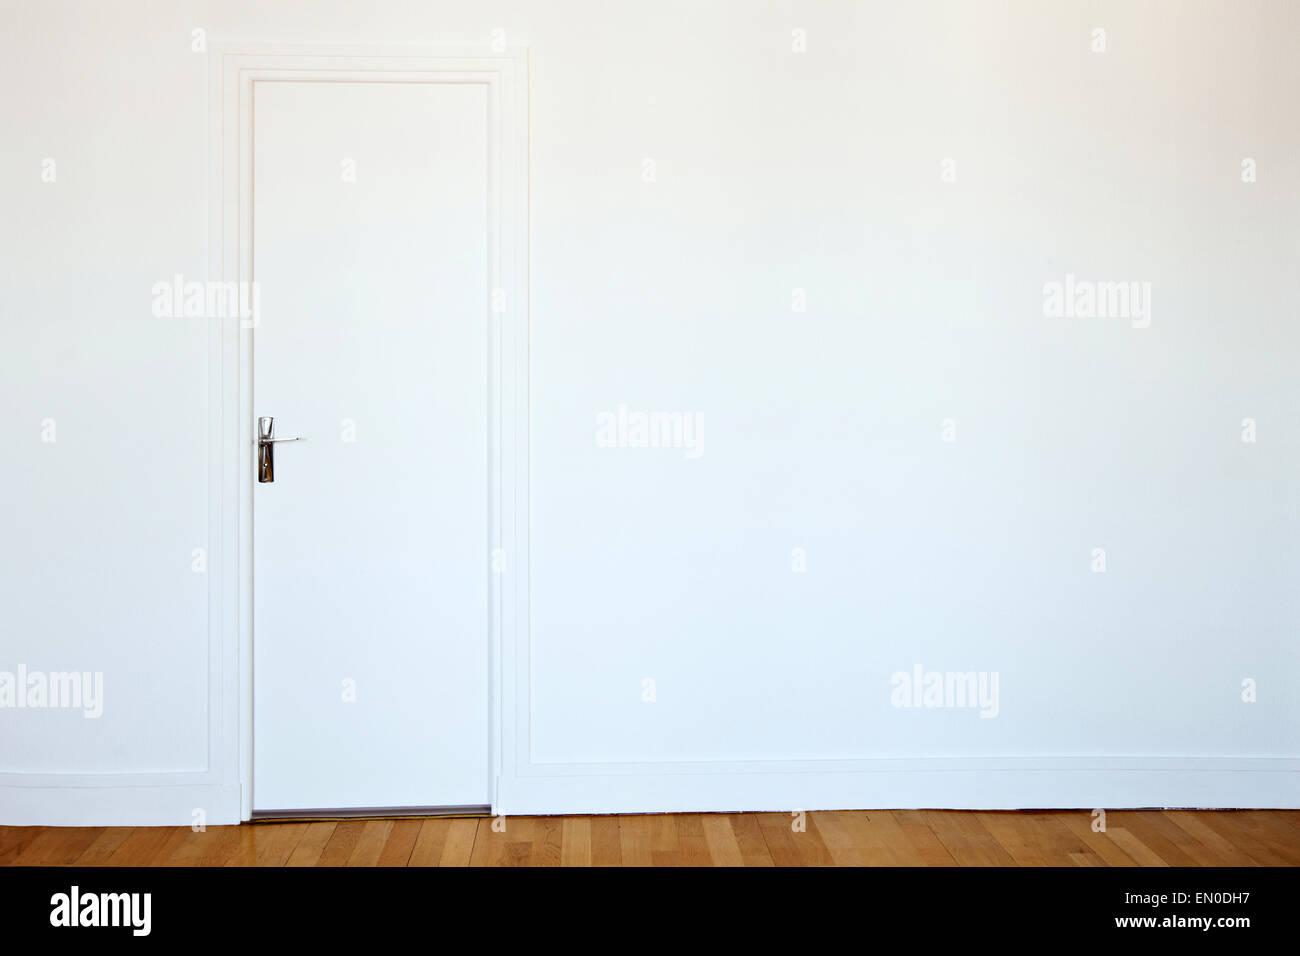 Puerta blanca en la pared blanca, fondo inmobiliario Imagen De Stock